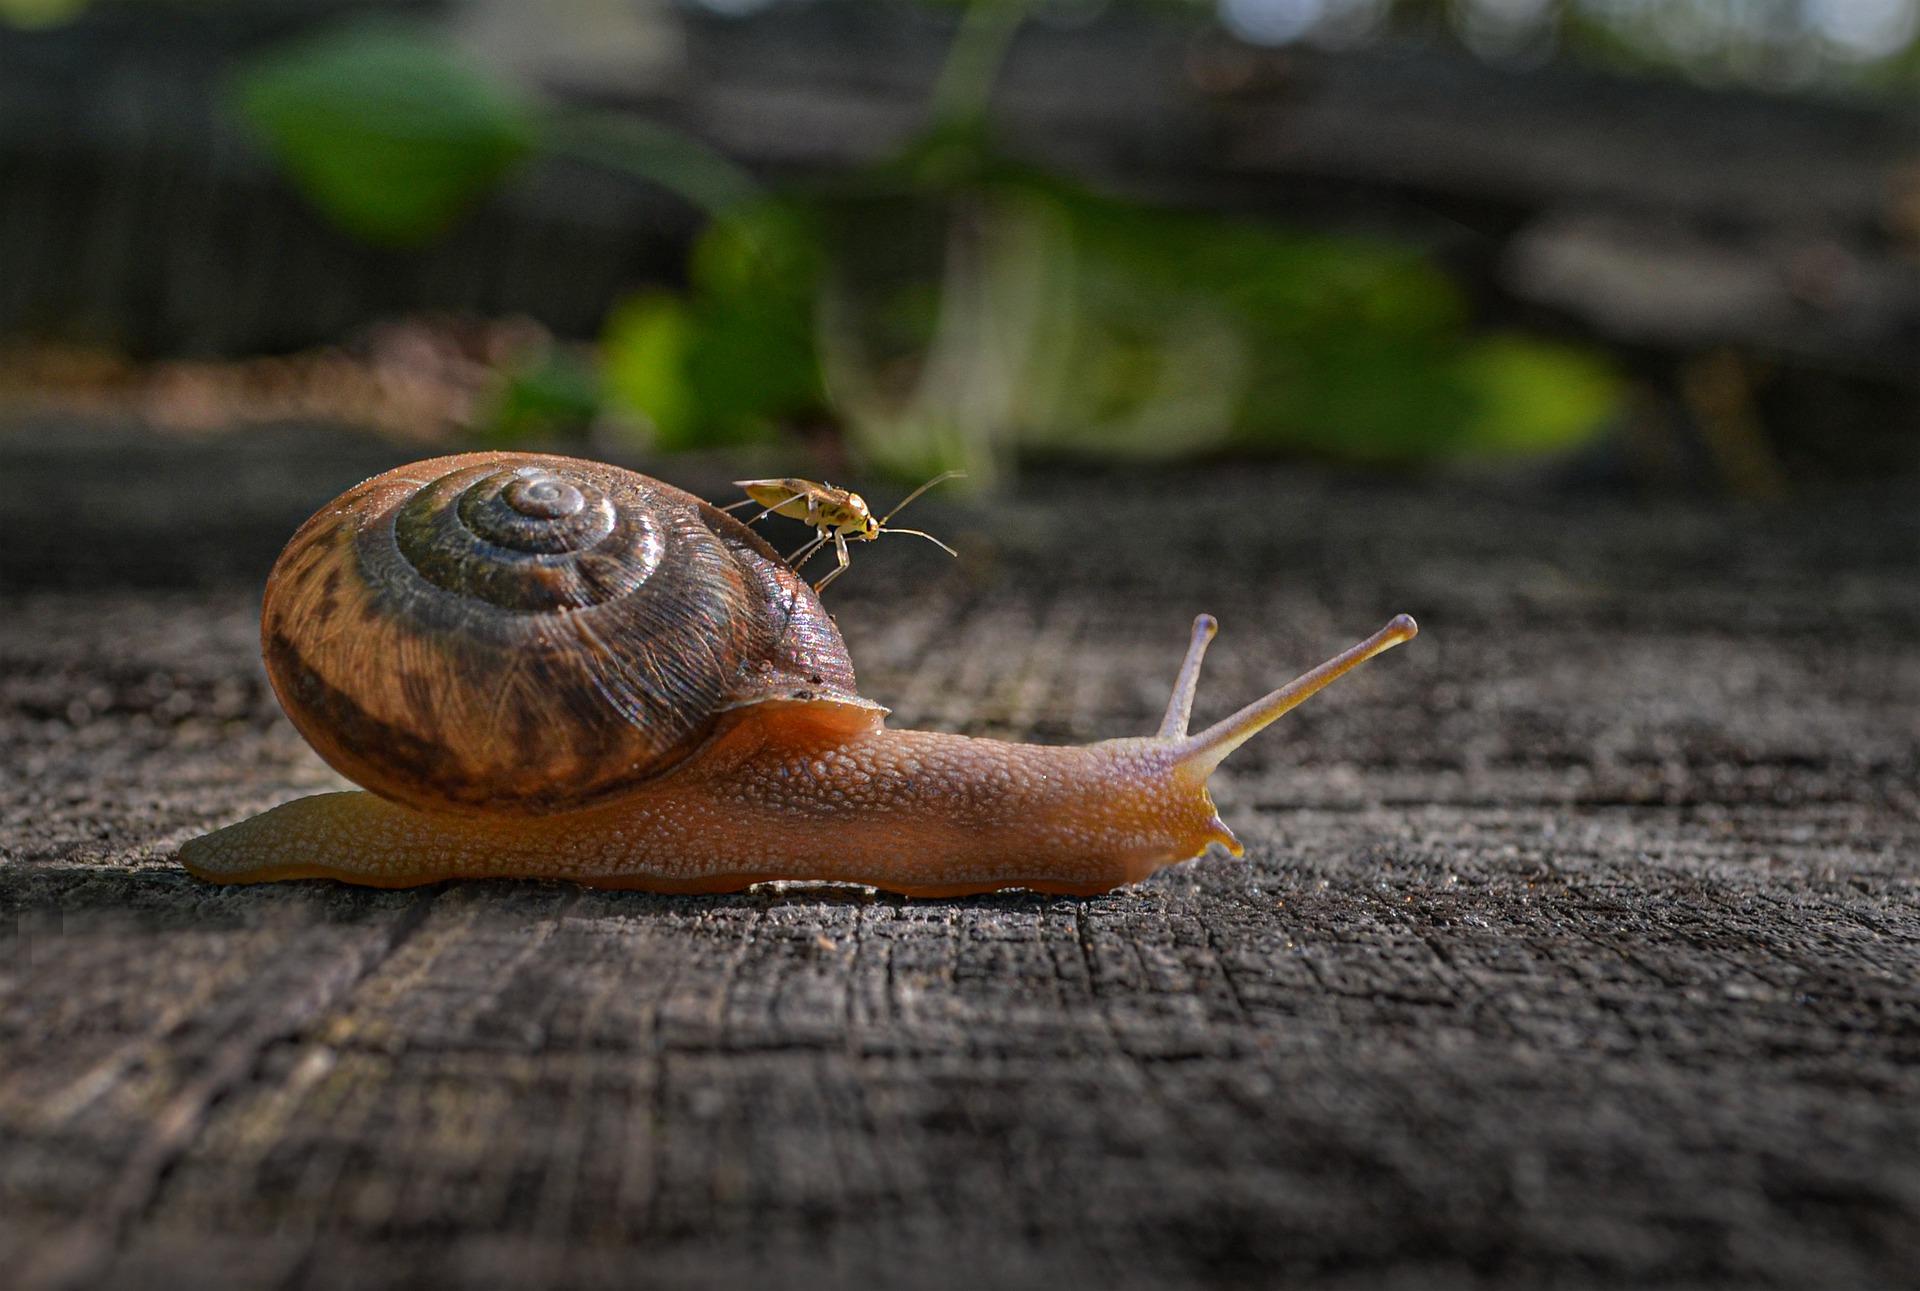 L'escargot et l'insecte- chant de l'univers